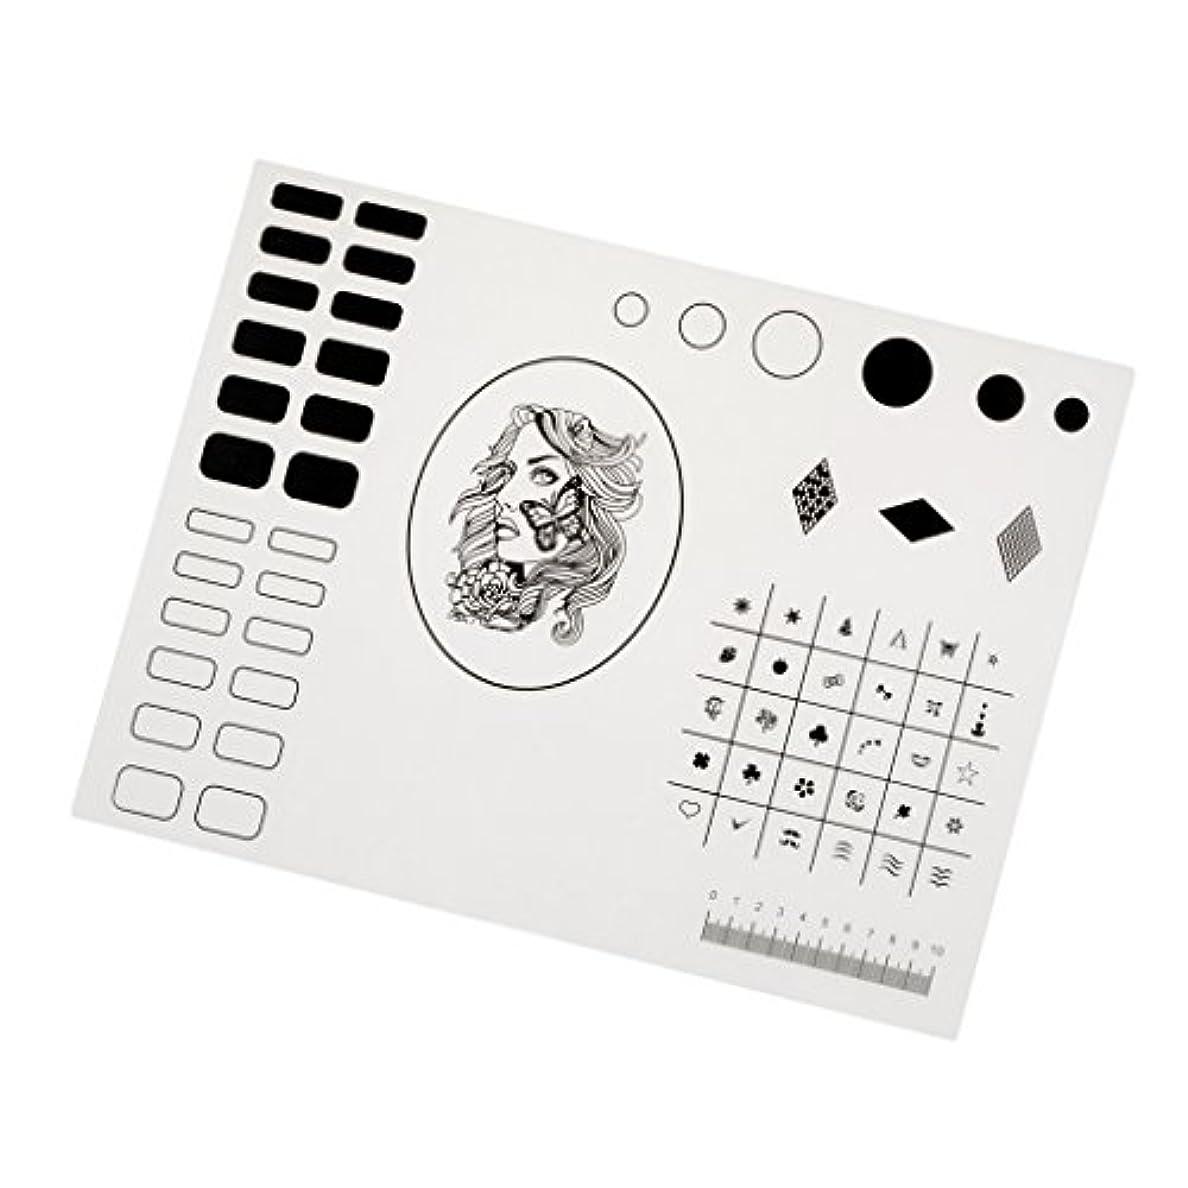 ヘア音楽避難するシリコーン ネイルマット ネイルアート マニキュア ネイルステッカー 繰り返す可 初心者 40.5*30.5cm 2タイプ選べ - タイプ2